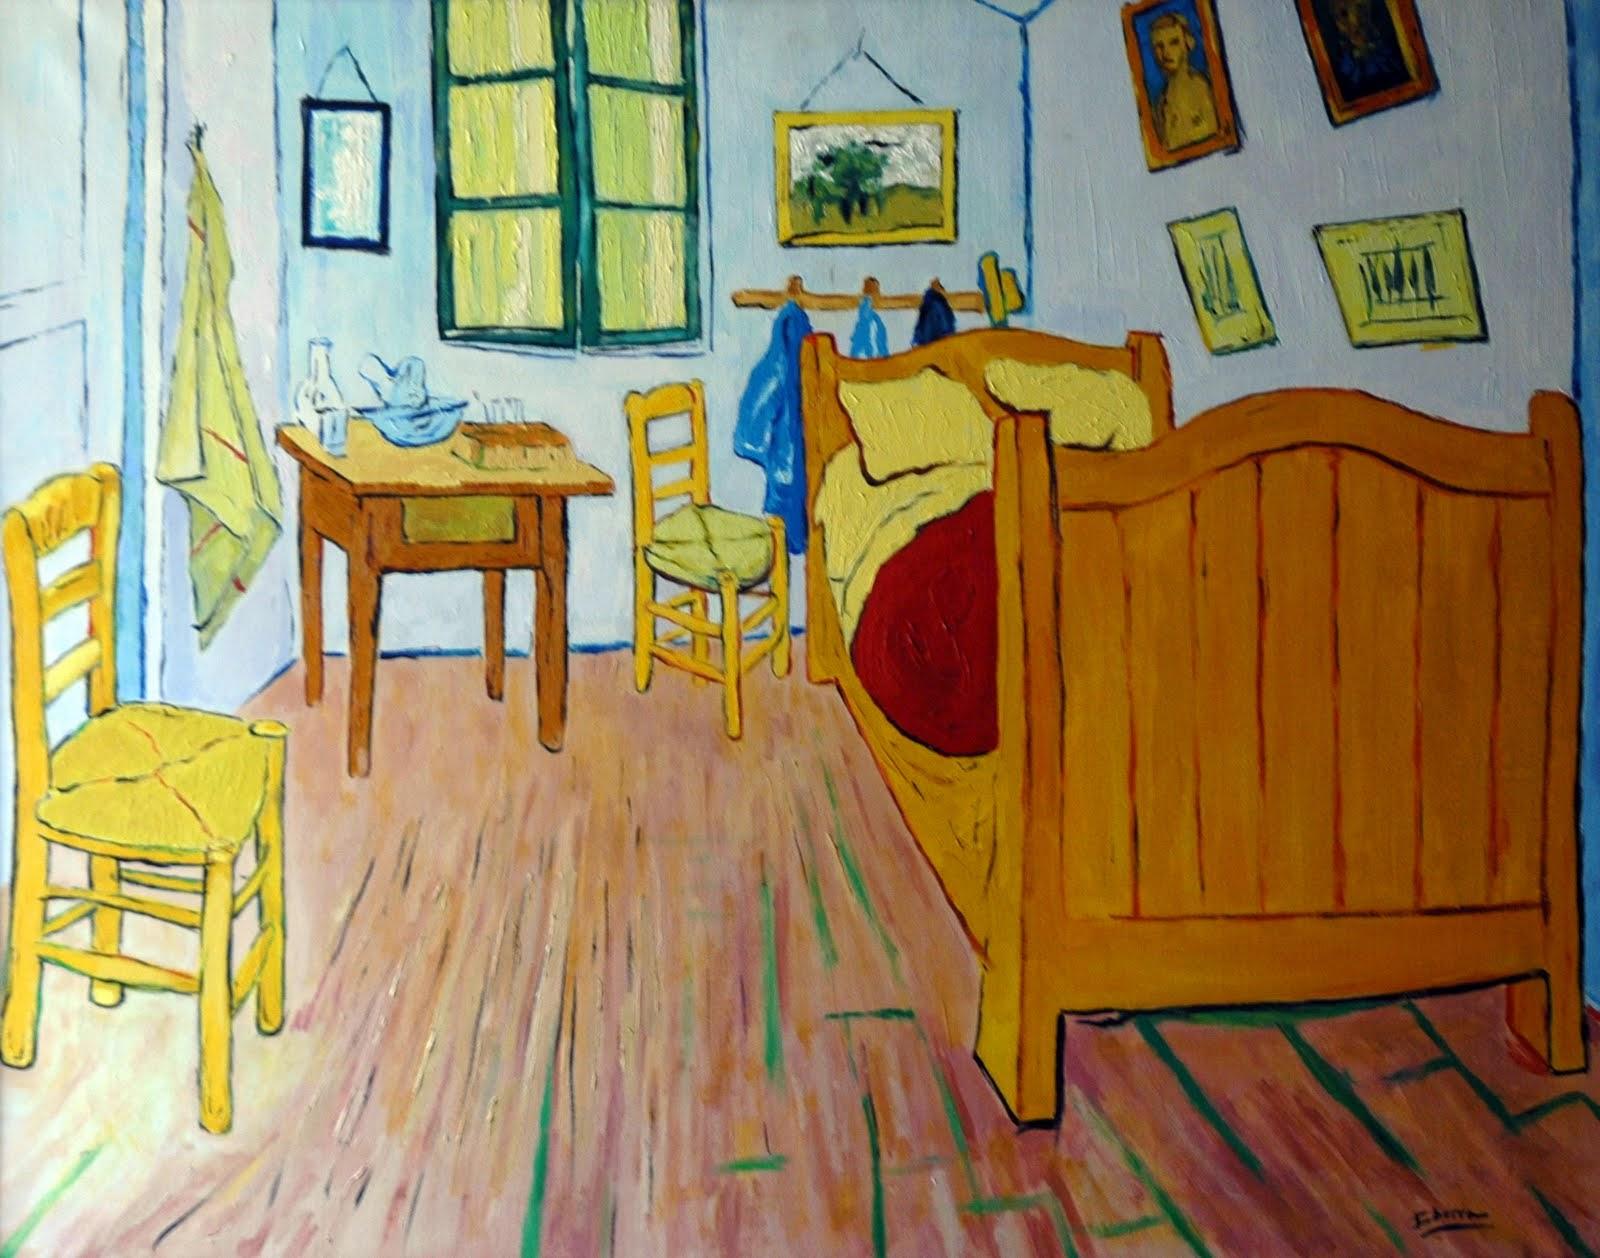 Plastificando ilusiones primer cuadro de van gogh - Cuadros de habitacion ...